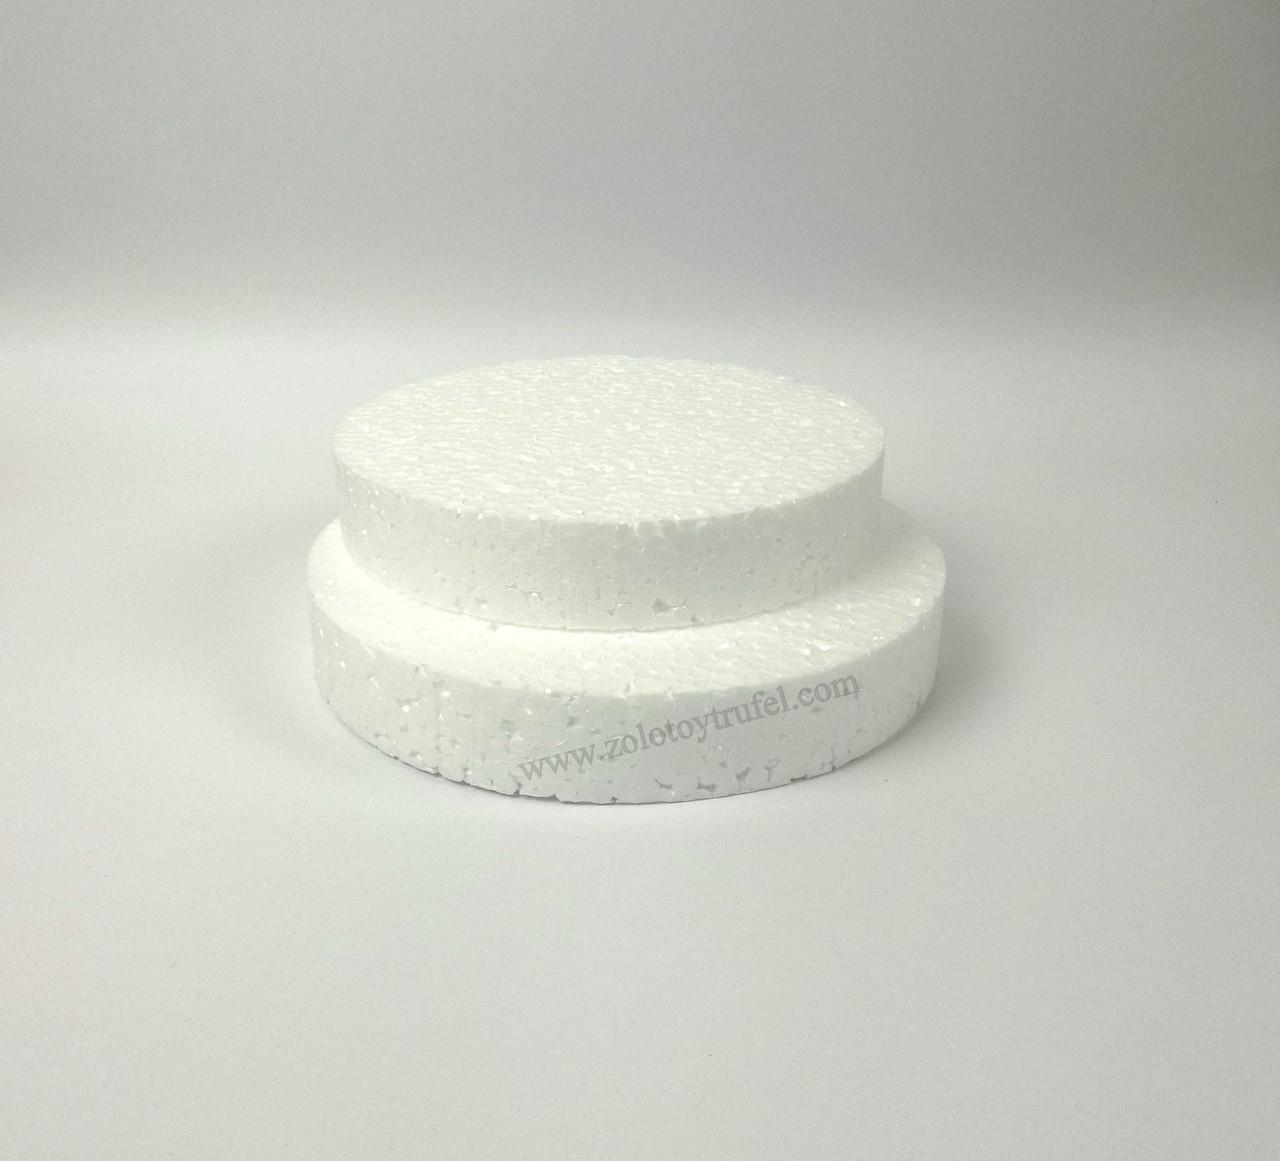 Прослойка пенопластовая для торта d 48 см h 3 см